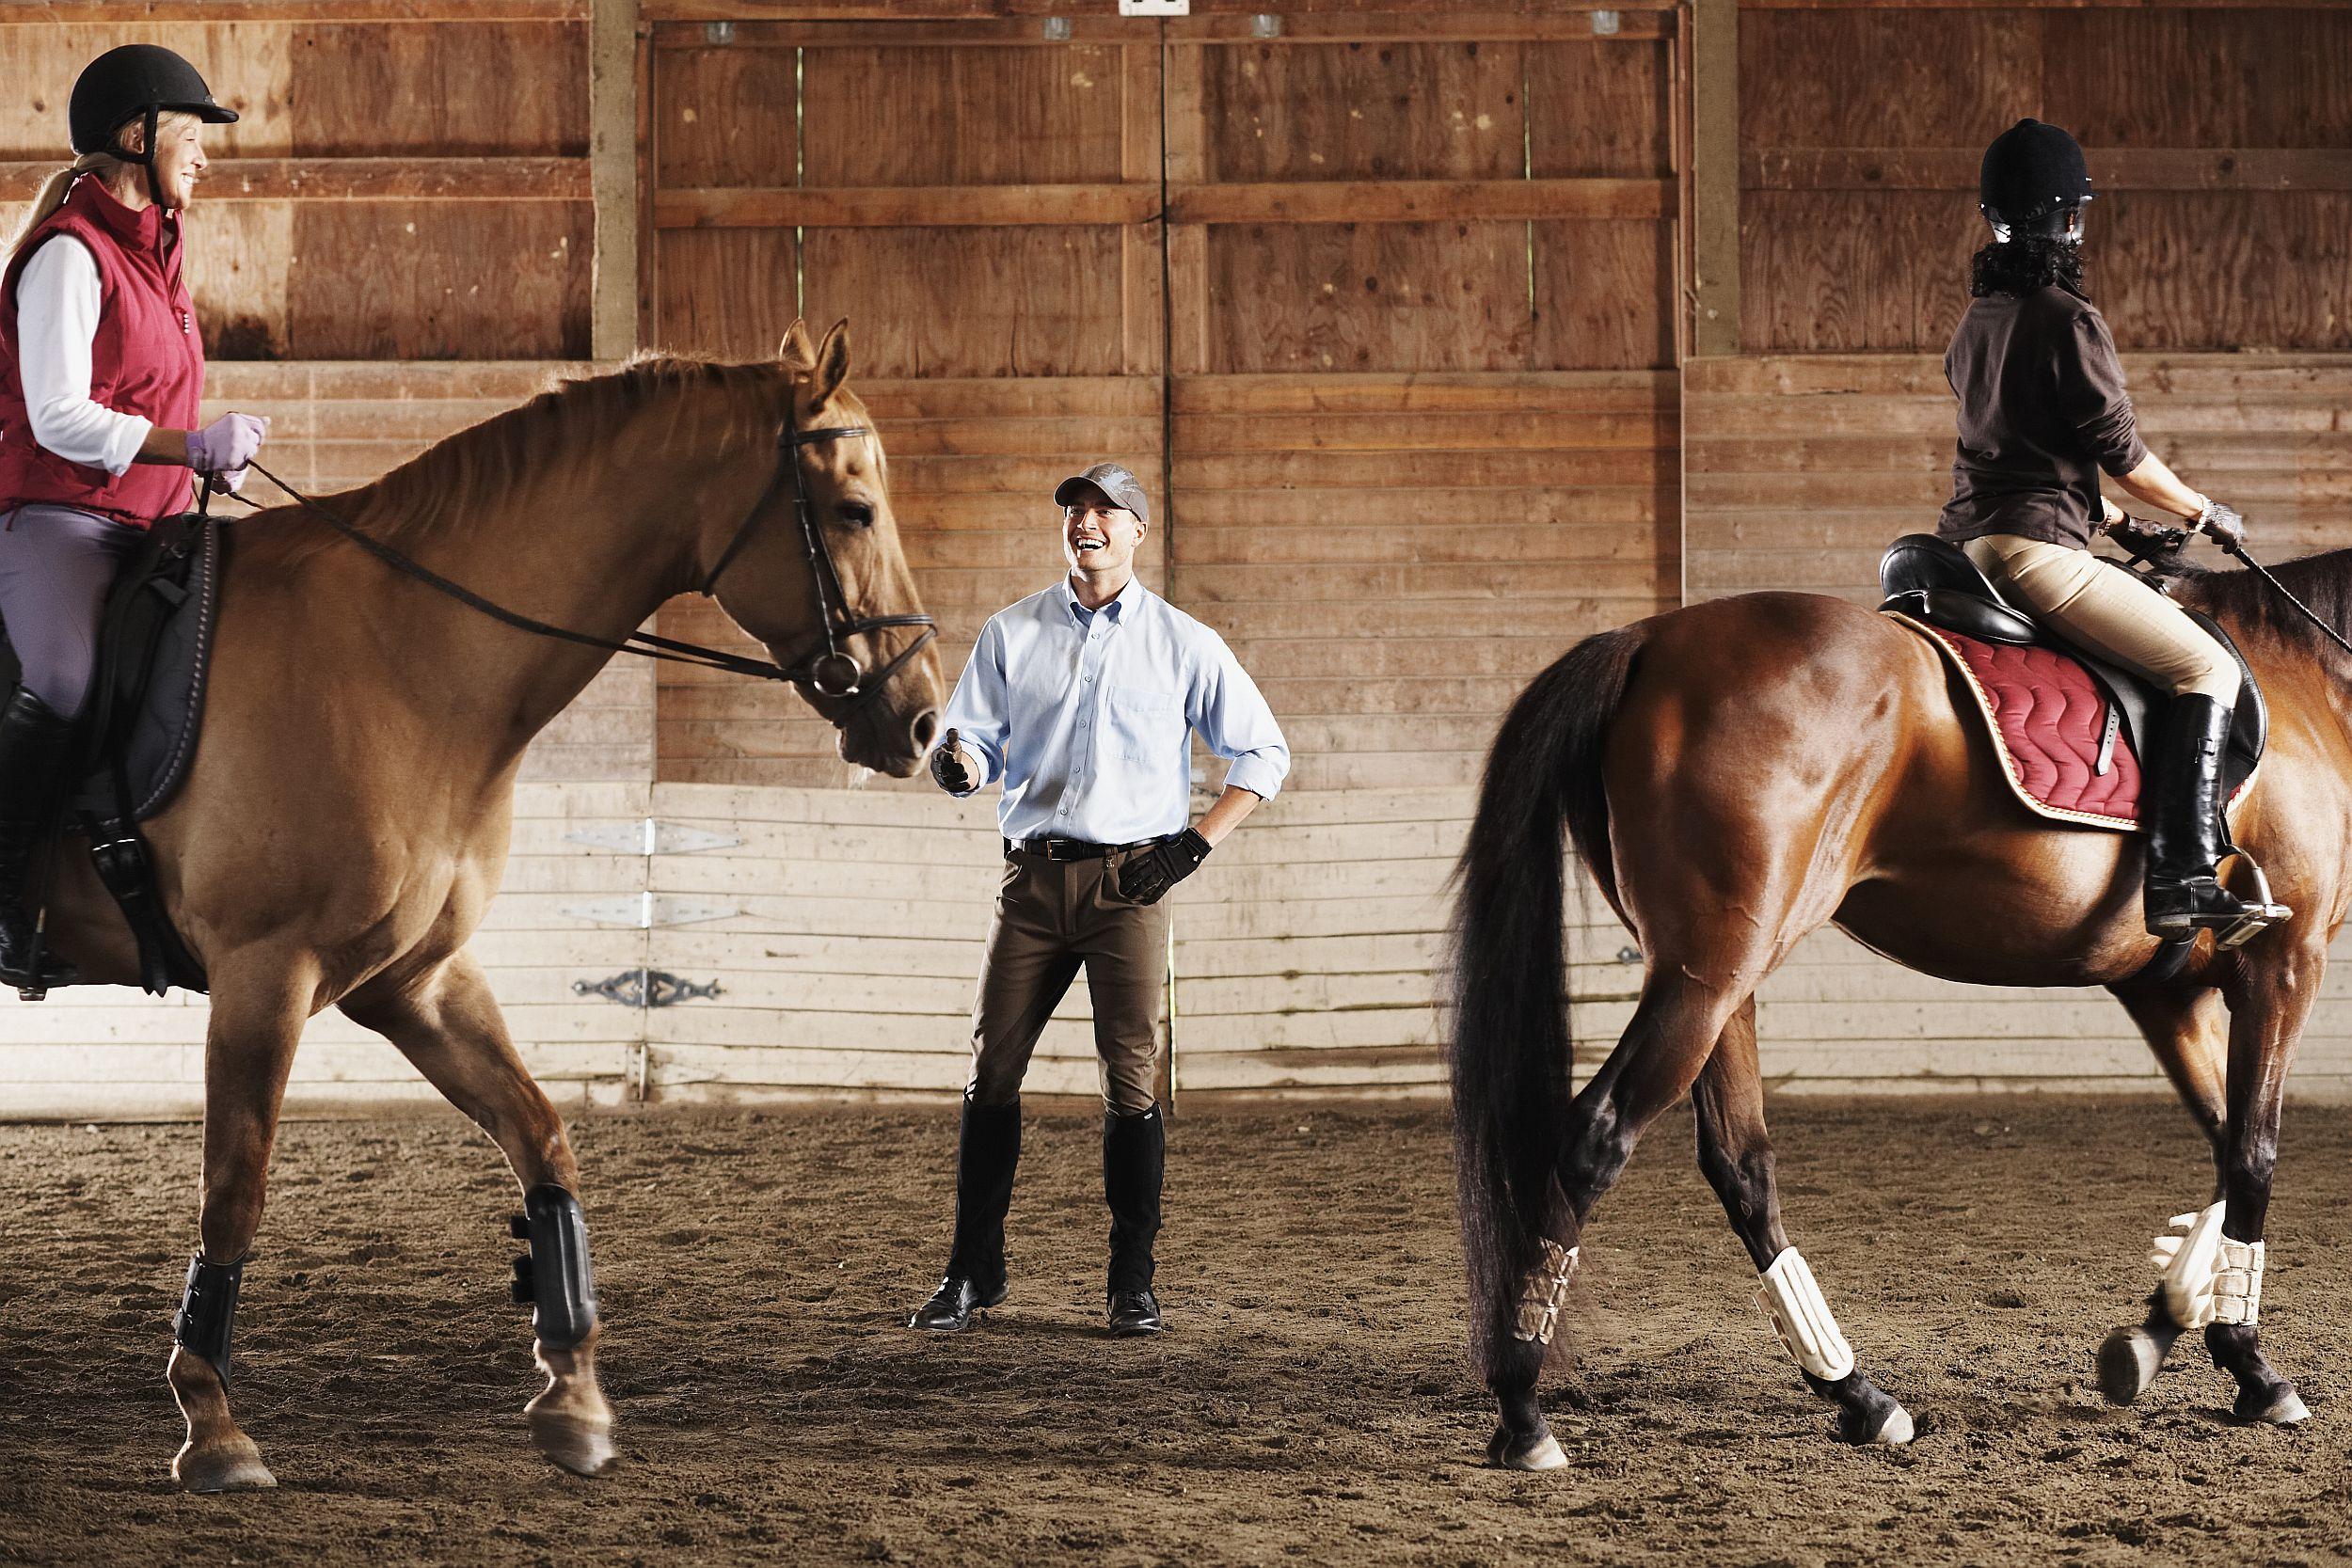 ridinglessonlg .jpg , Hombre saltando a caballo , Caballo con potro en el campo de hierba , Caballo Appaloosa , Hombre acicalando la cola del caballo .